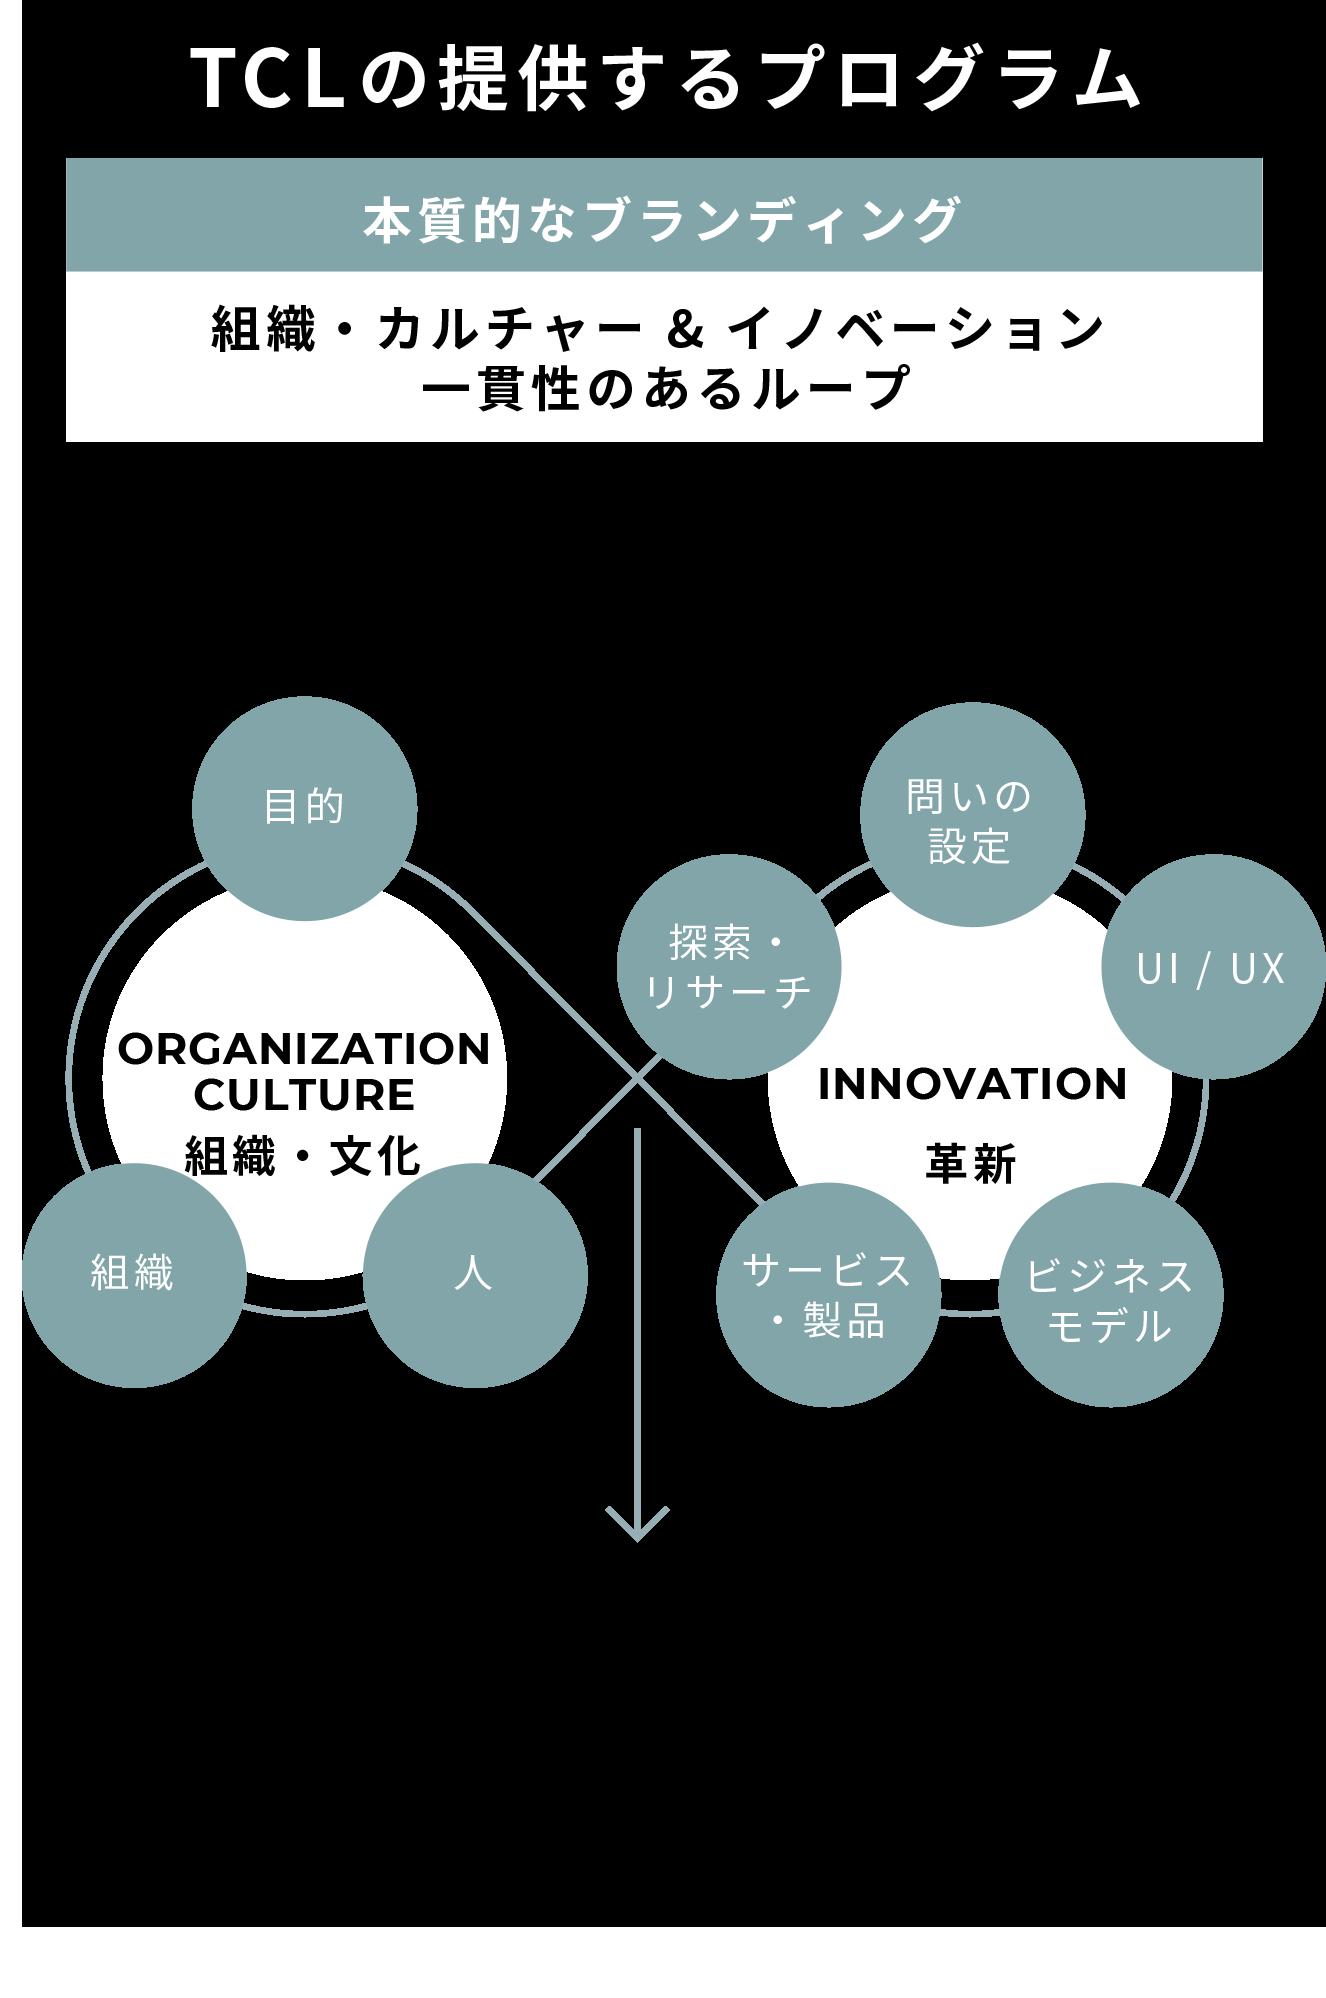 TCLの提供するプログラム